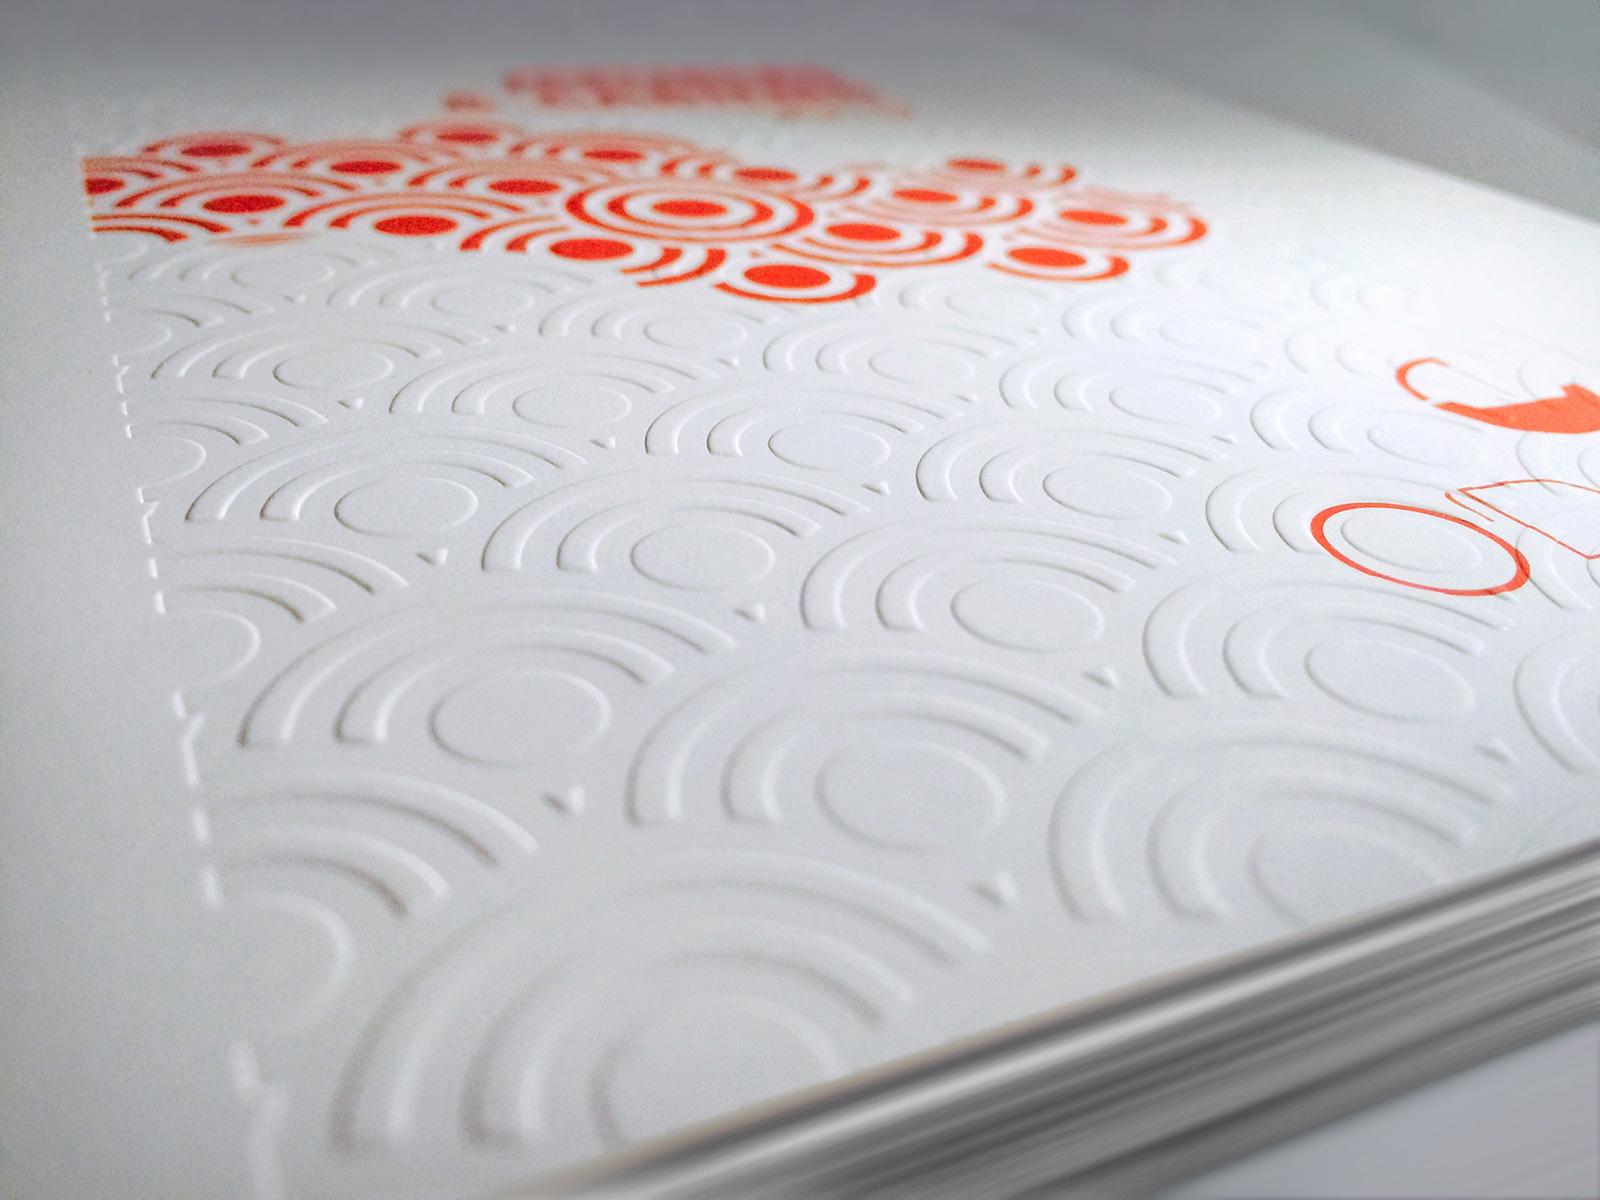 Façonnage gauffrage - imprimerie copie Copy Concept 92